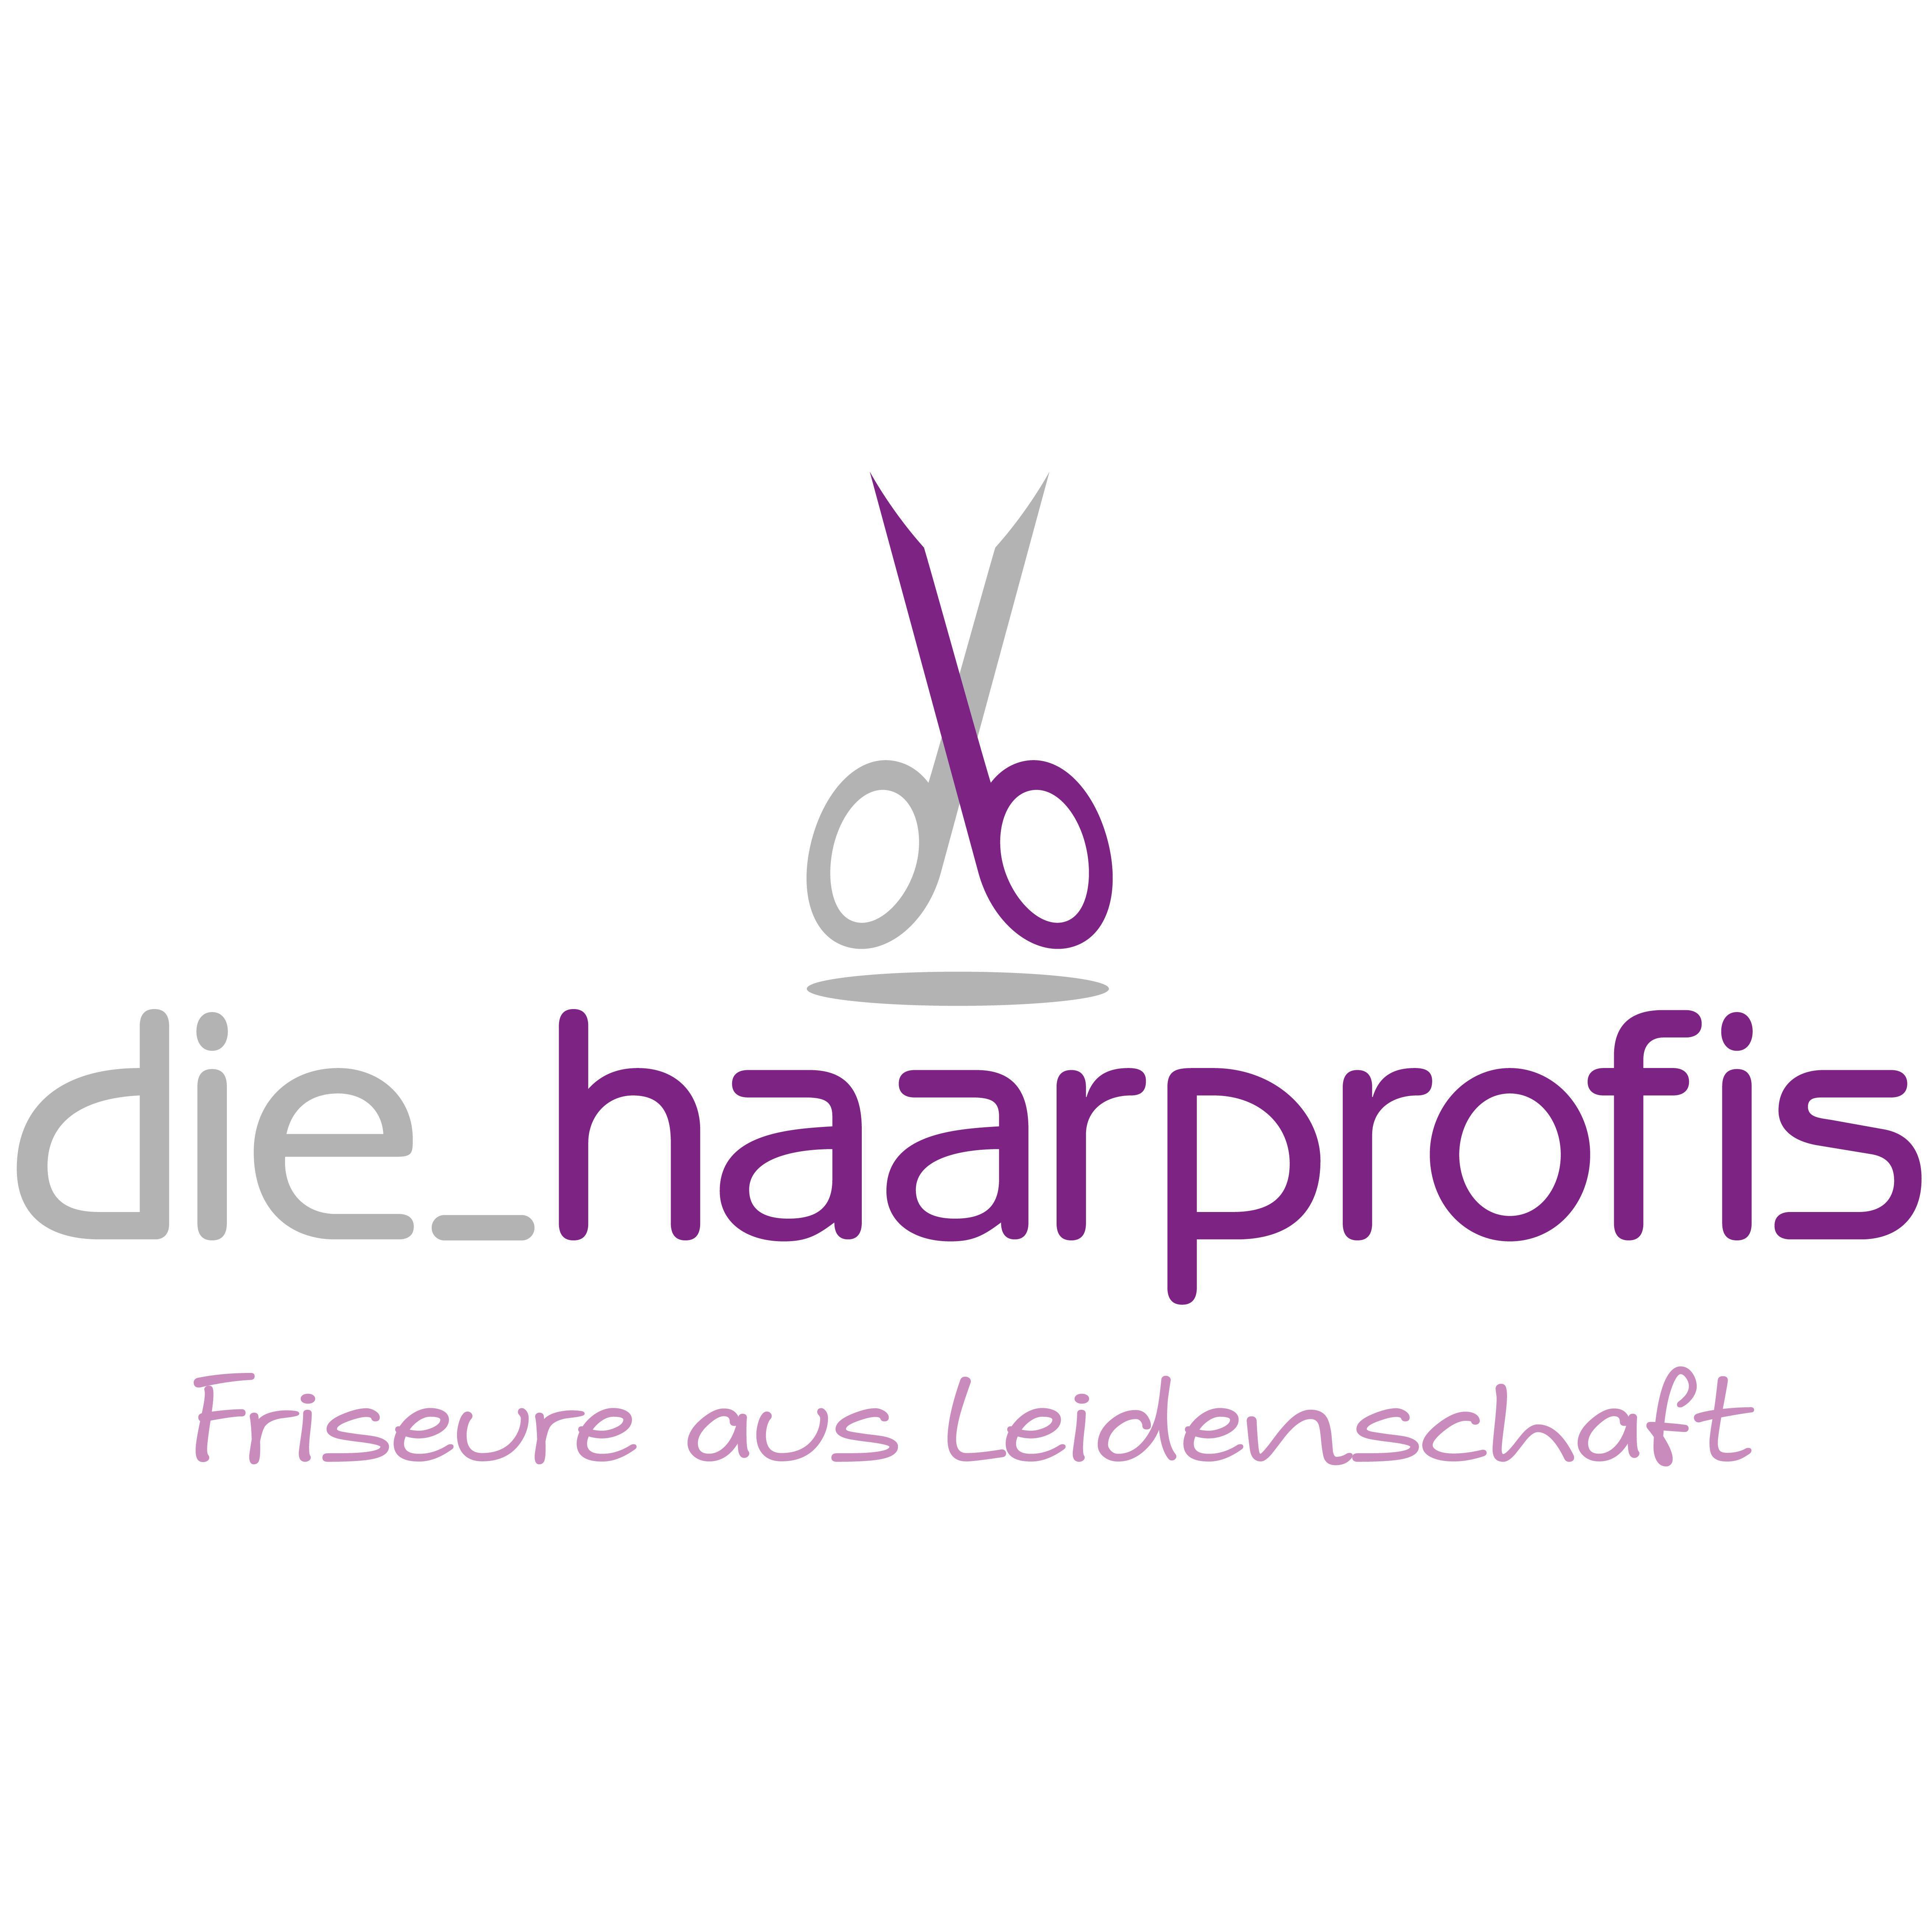 Logo von die_haarprofis Inh. Wencke Franck